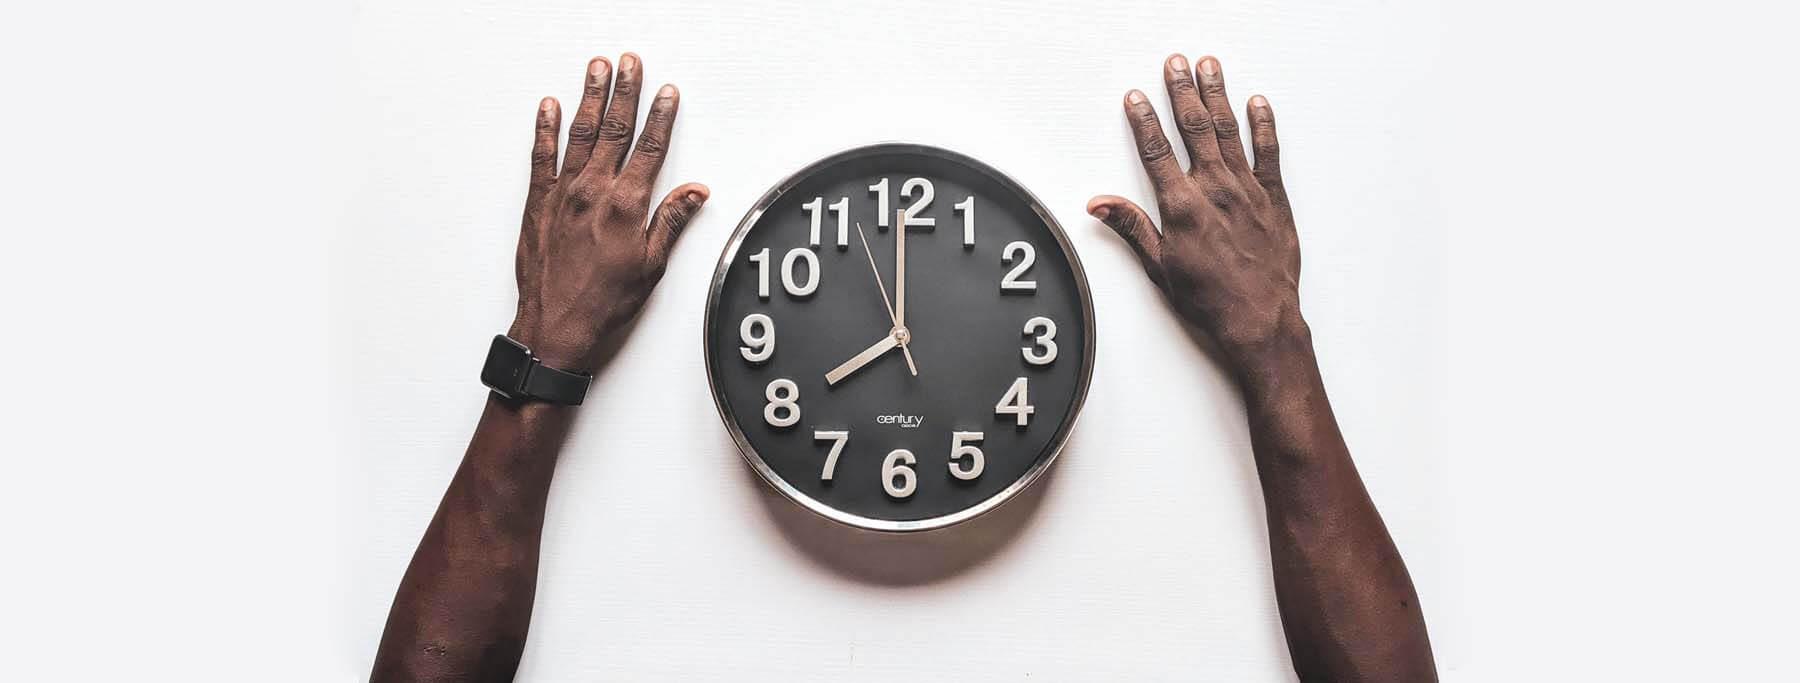 Cómo mejorar la gestión del tiempo en el trabajo en 2020